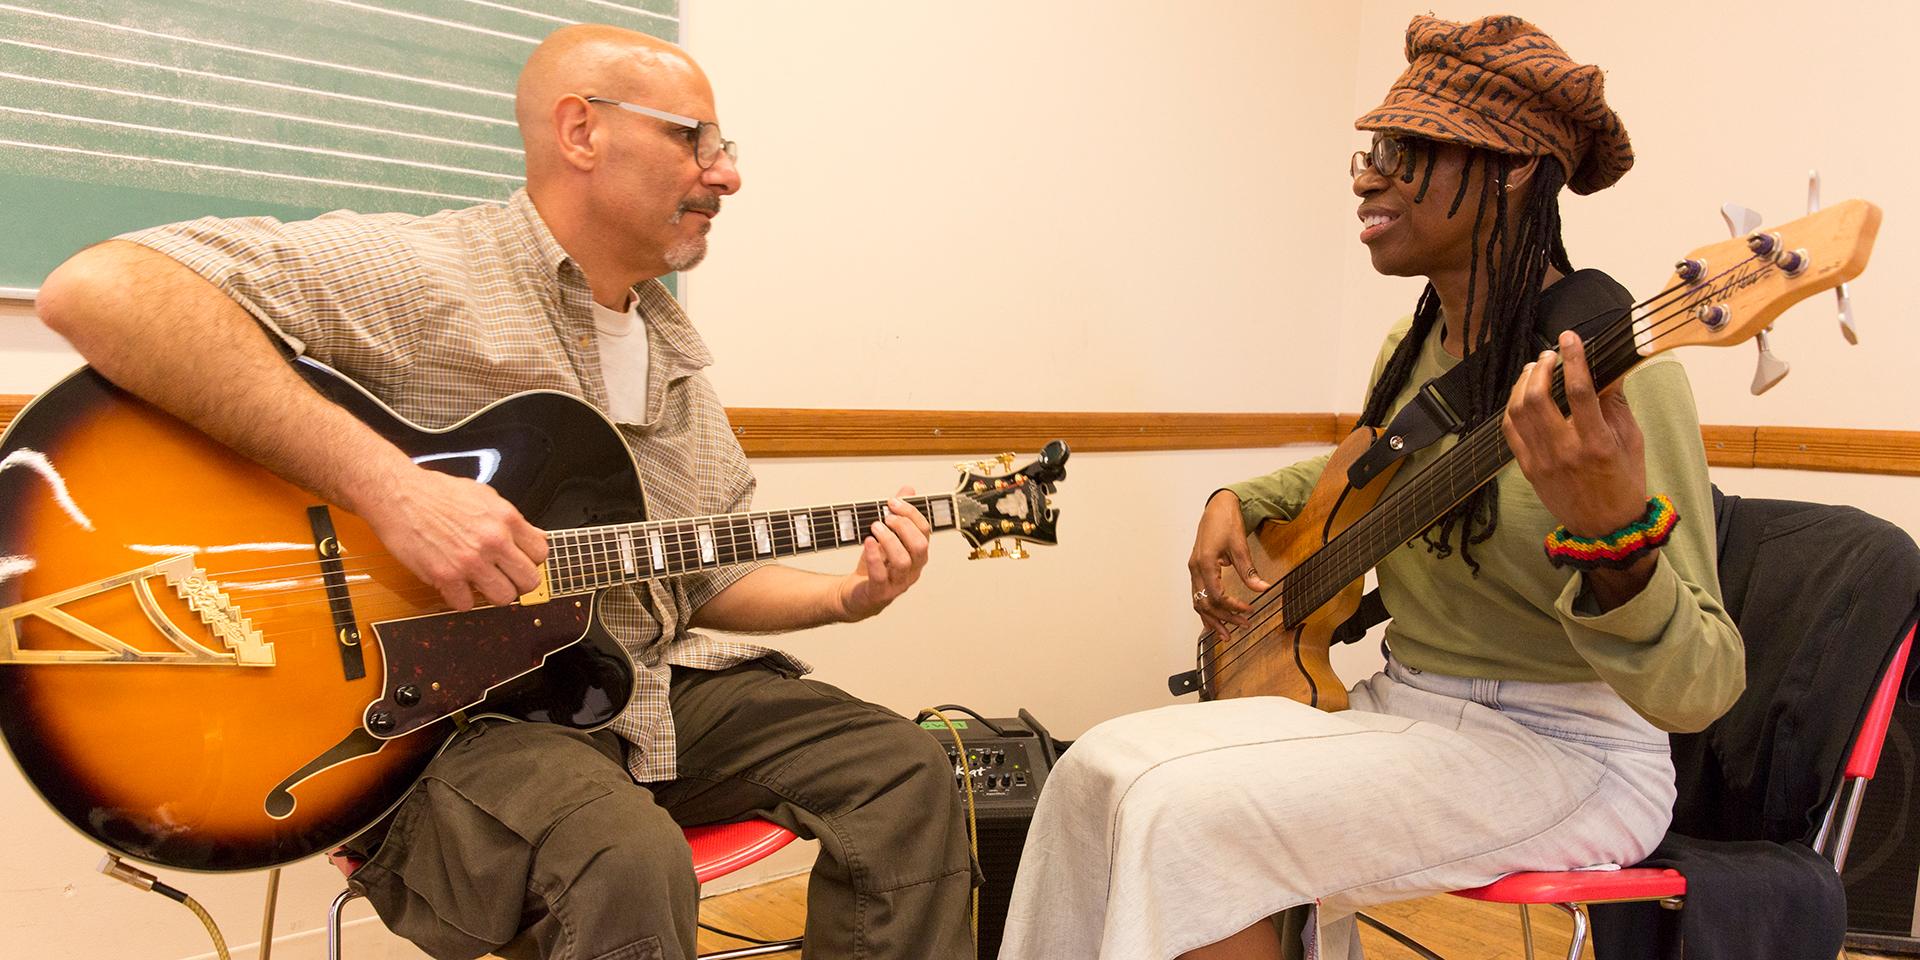 NYC Jazz Program - Directed By Jazz Guitarist Roni Ben-Hur